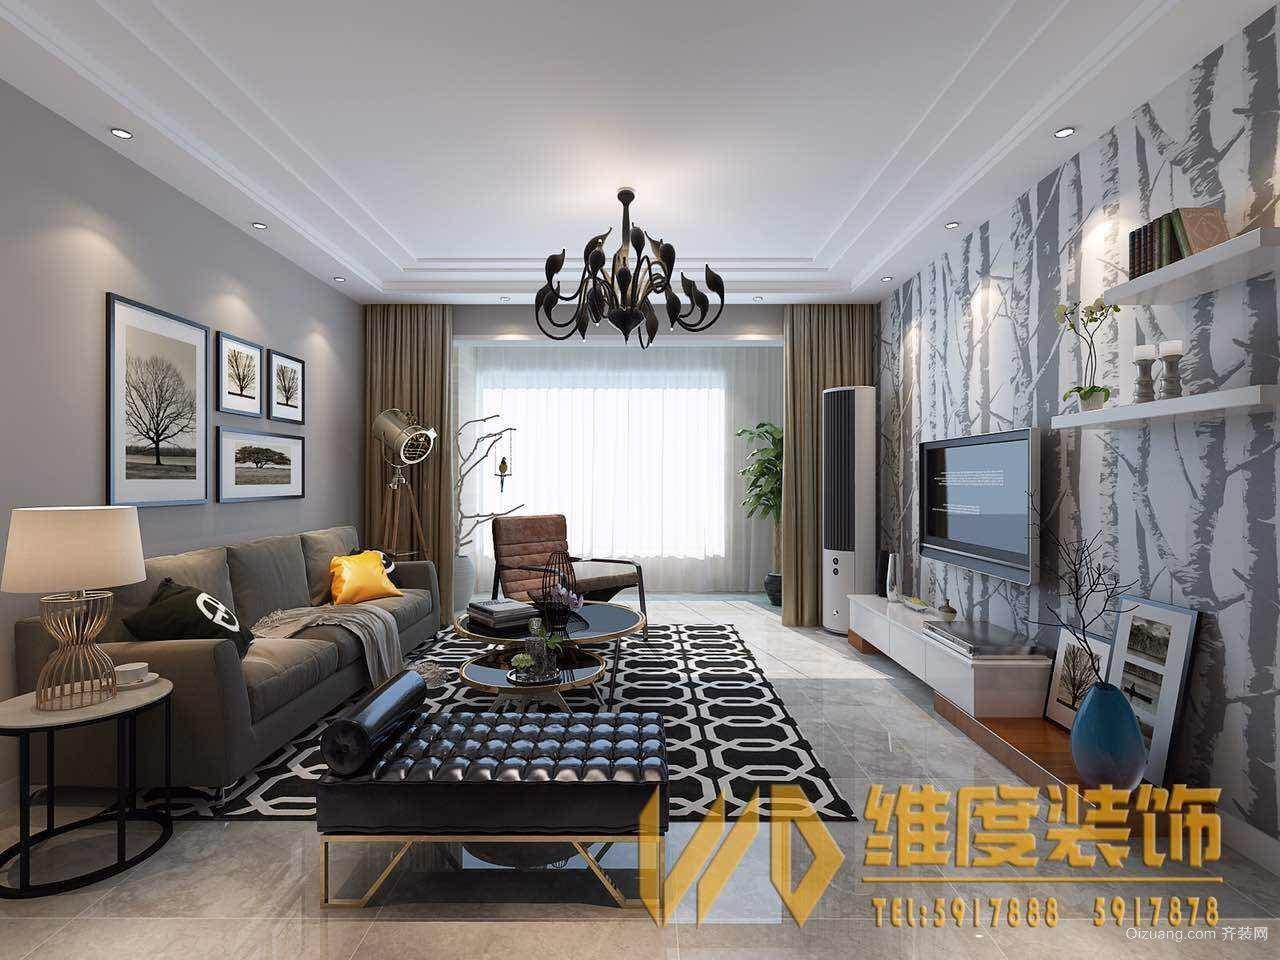 欢乐江山现代简约装修效果图实景图